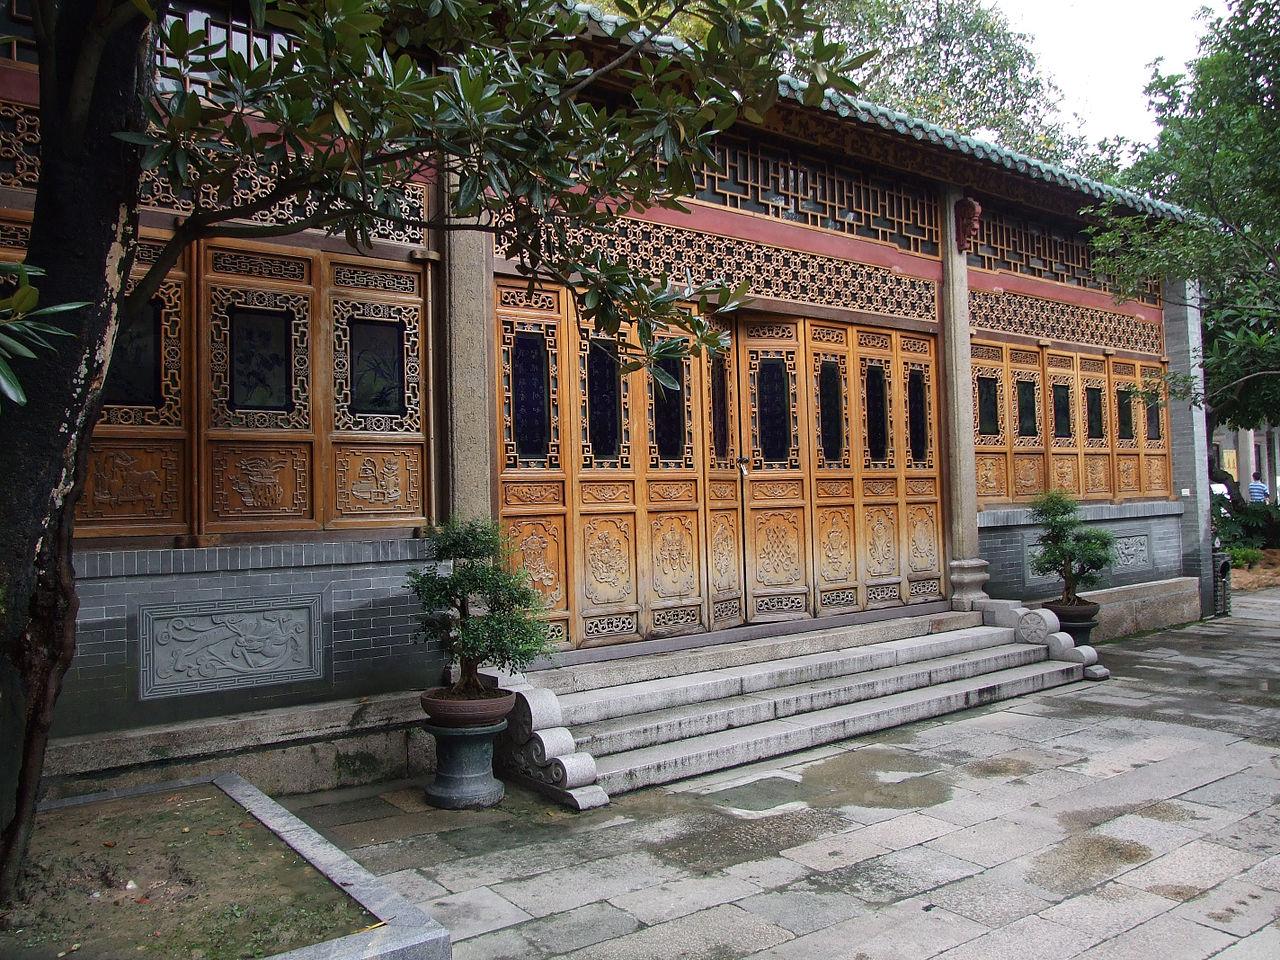 Храм Шести баньяновых деревьев в Гуанчжоу, павильон